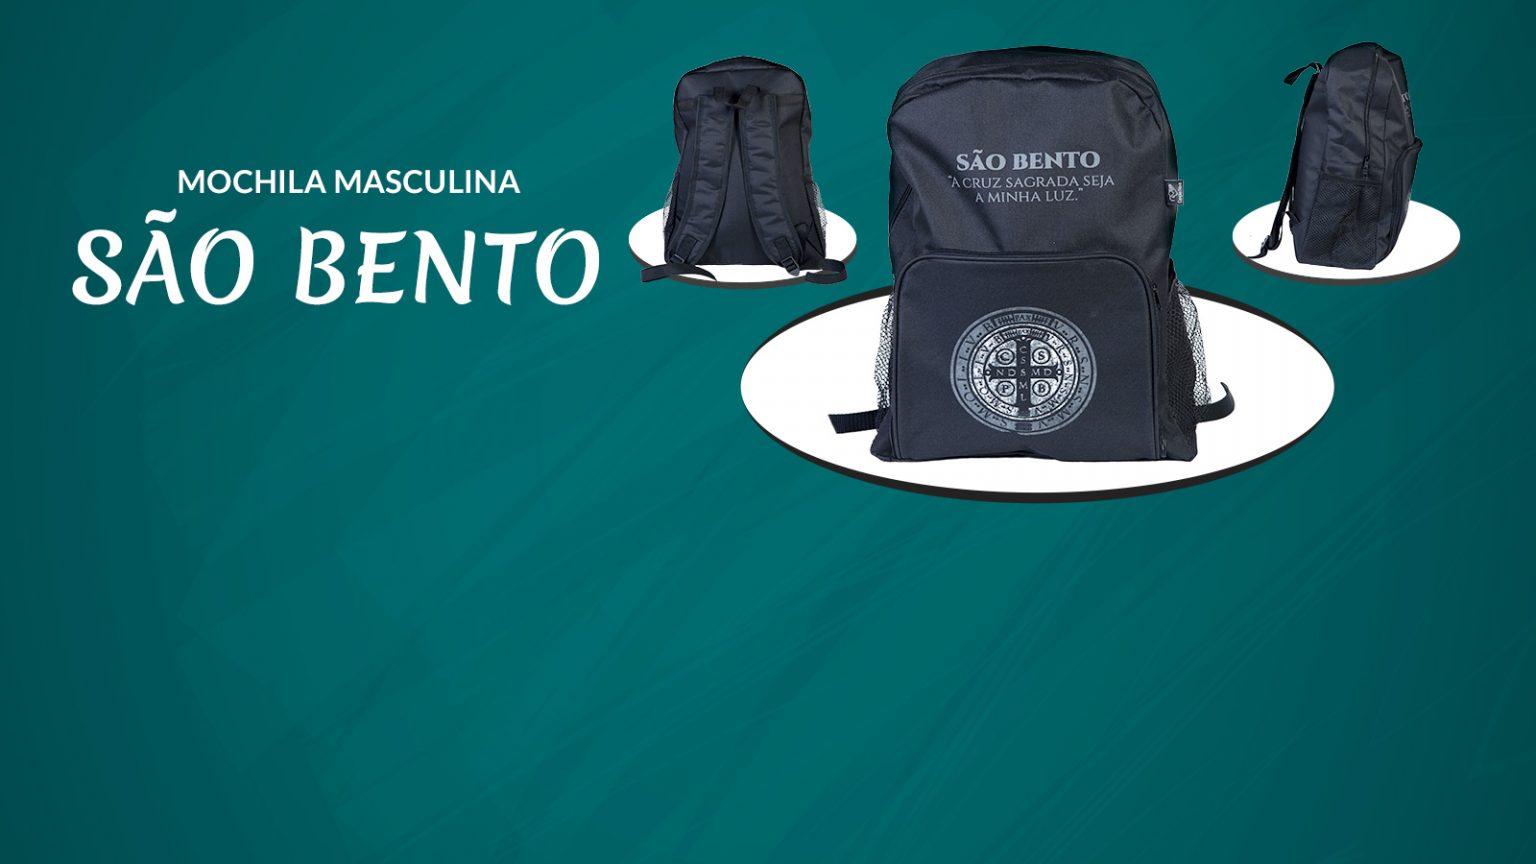 MOCHILA-MASCULINA-SÃO-BENTO-Destaque-1600x1200-1536x864.jpg